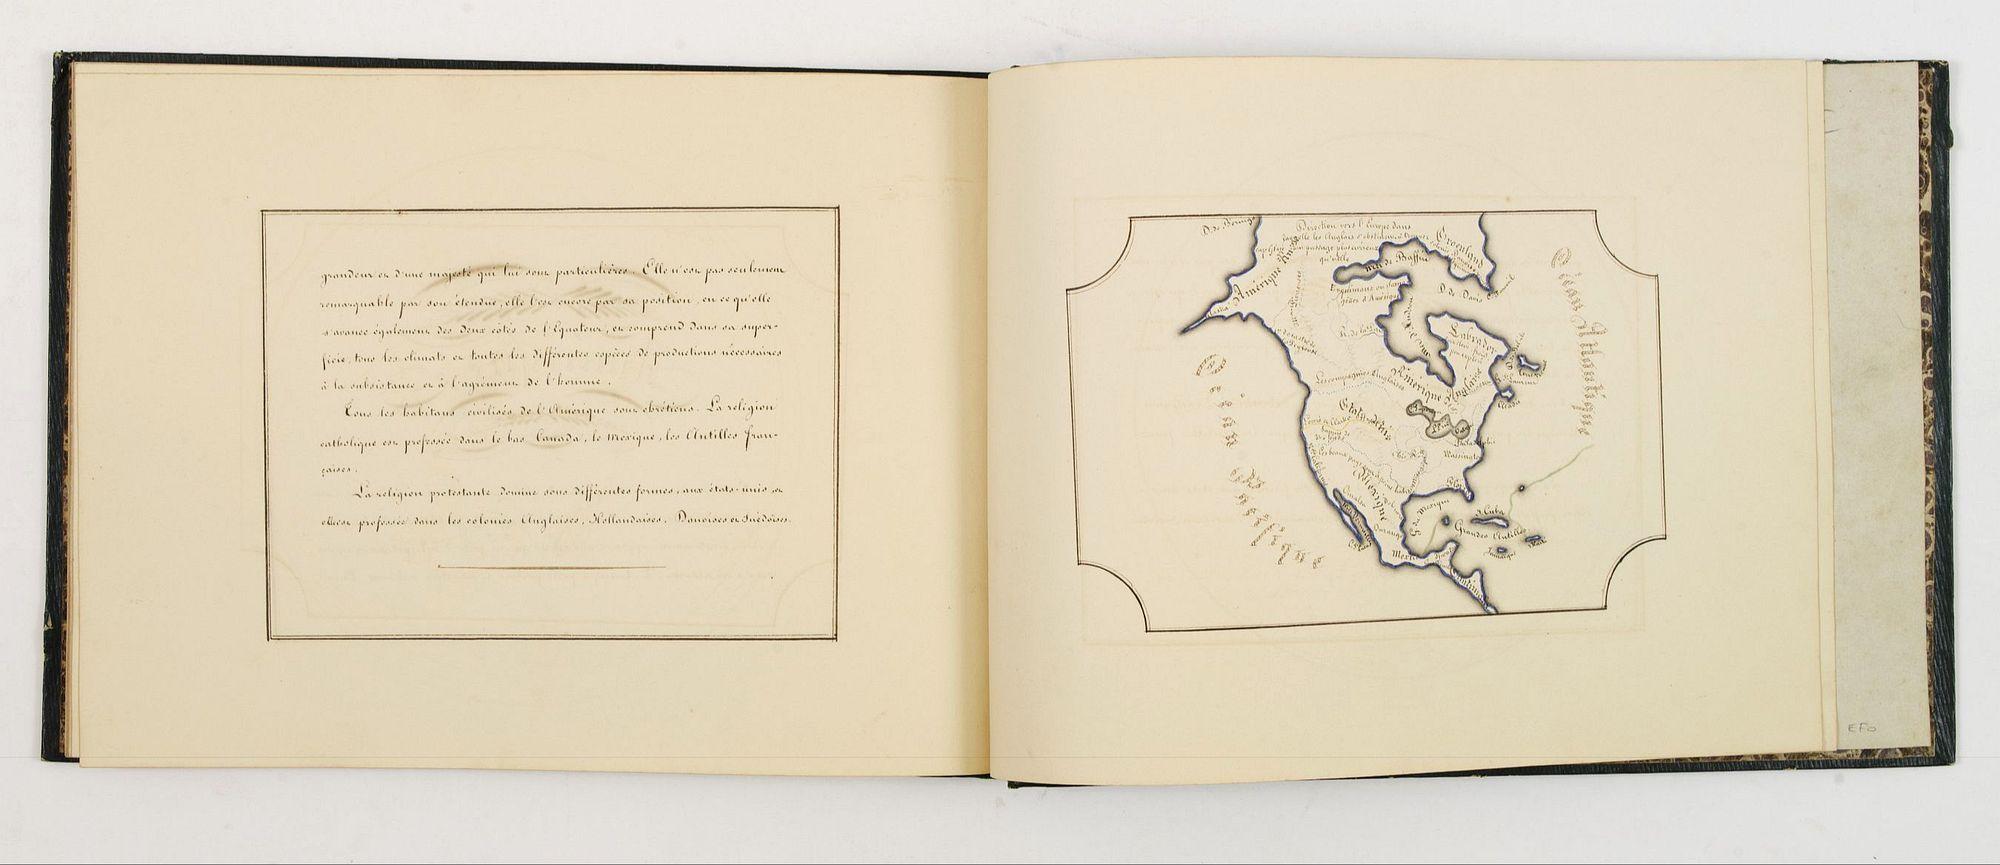 BERNARD. -  Manuscript atlas.